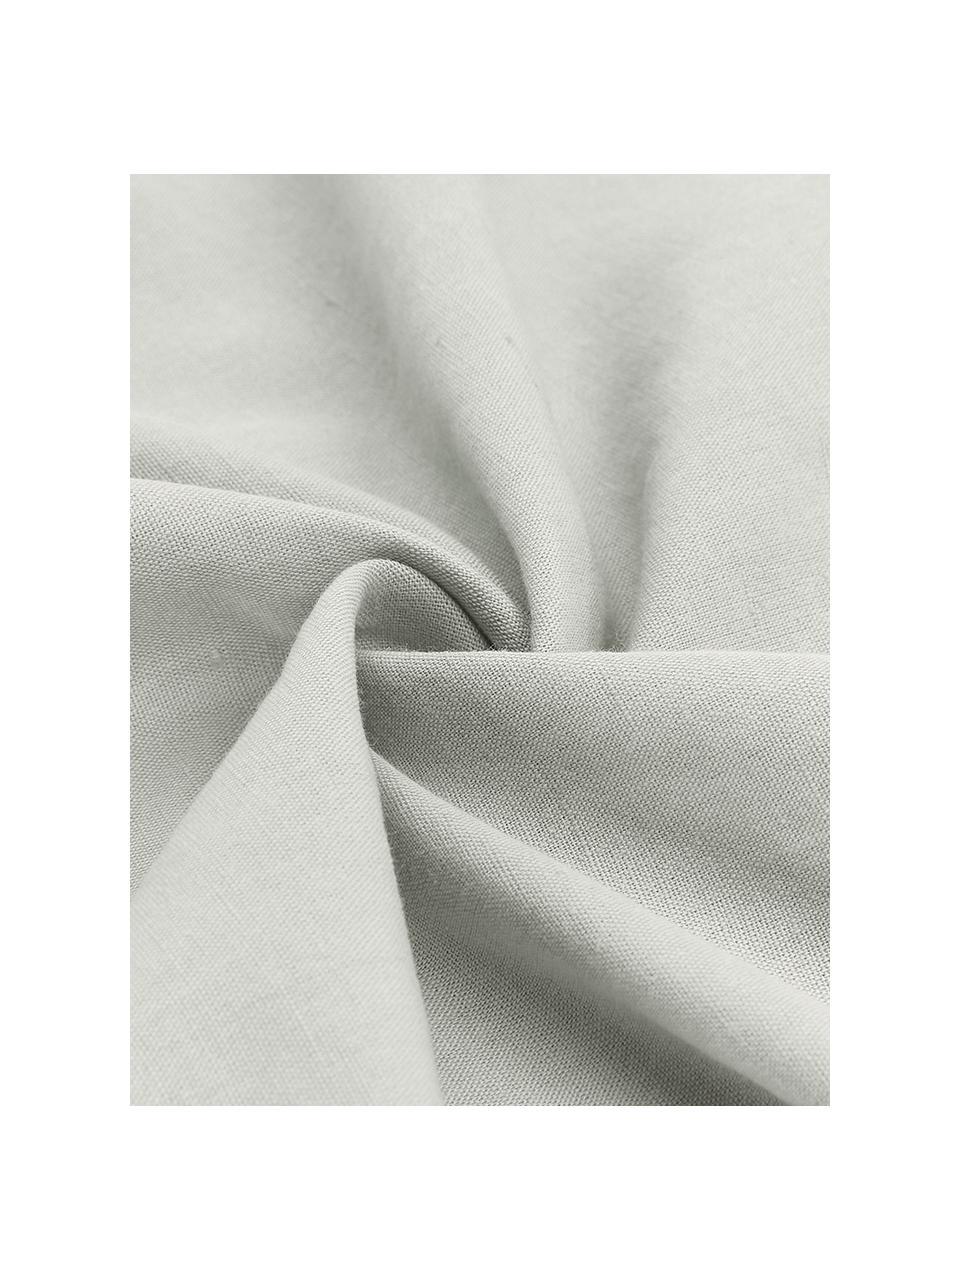 Gewaschene Leinen-Bettwäsche Nature in Hellgrau, Halbleinen (52% Leinen, 48% Baumwolle)  Fadendichte 108 TC, Standard Qualität  Halbleinen hat von Natur aus einen kernigen Griff und einen natürlichen Knitterlook, der durch den Stonewash-Effekt verstärkt wird. Es absorbiert bis zu 35% Luftfeuchtigkeit, trocknet sehr schnell und wirkt in Sommernächten angenehm kühlend. Die hohe Reißfestigkeit macht Halbleinen scheuerfest und strapazierfähig., Hellgrau, 135 x 200 cm + 1 Kissen 80 x 80 cm